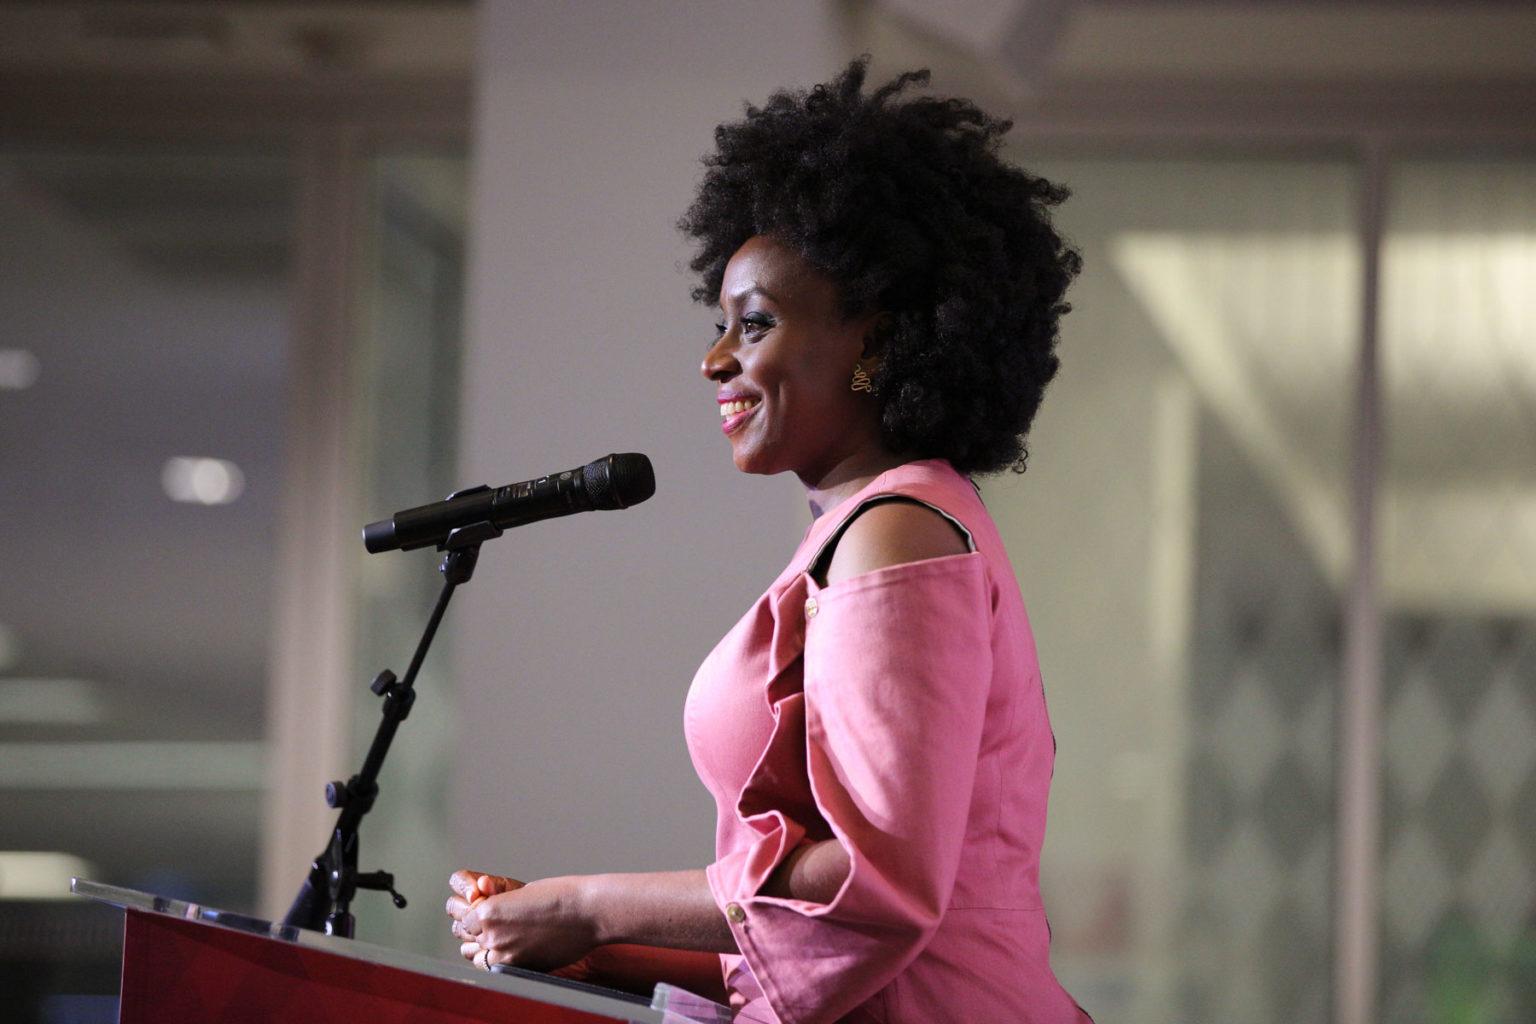 USC校园名人 Chimamanda Ngozi Adichie -南加州大学中文官网